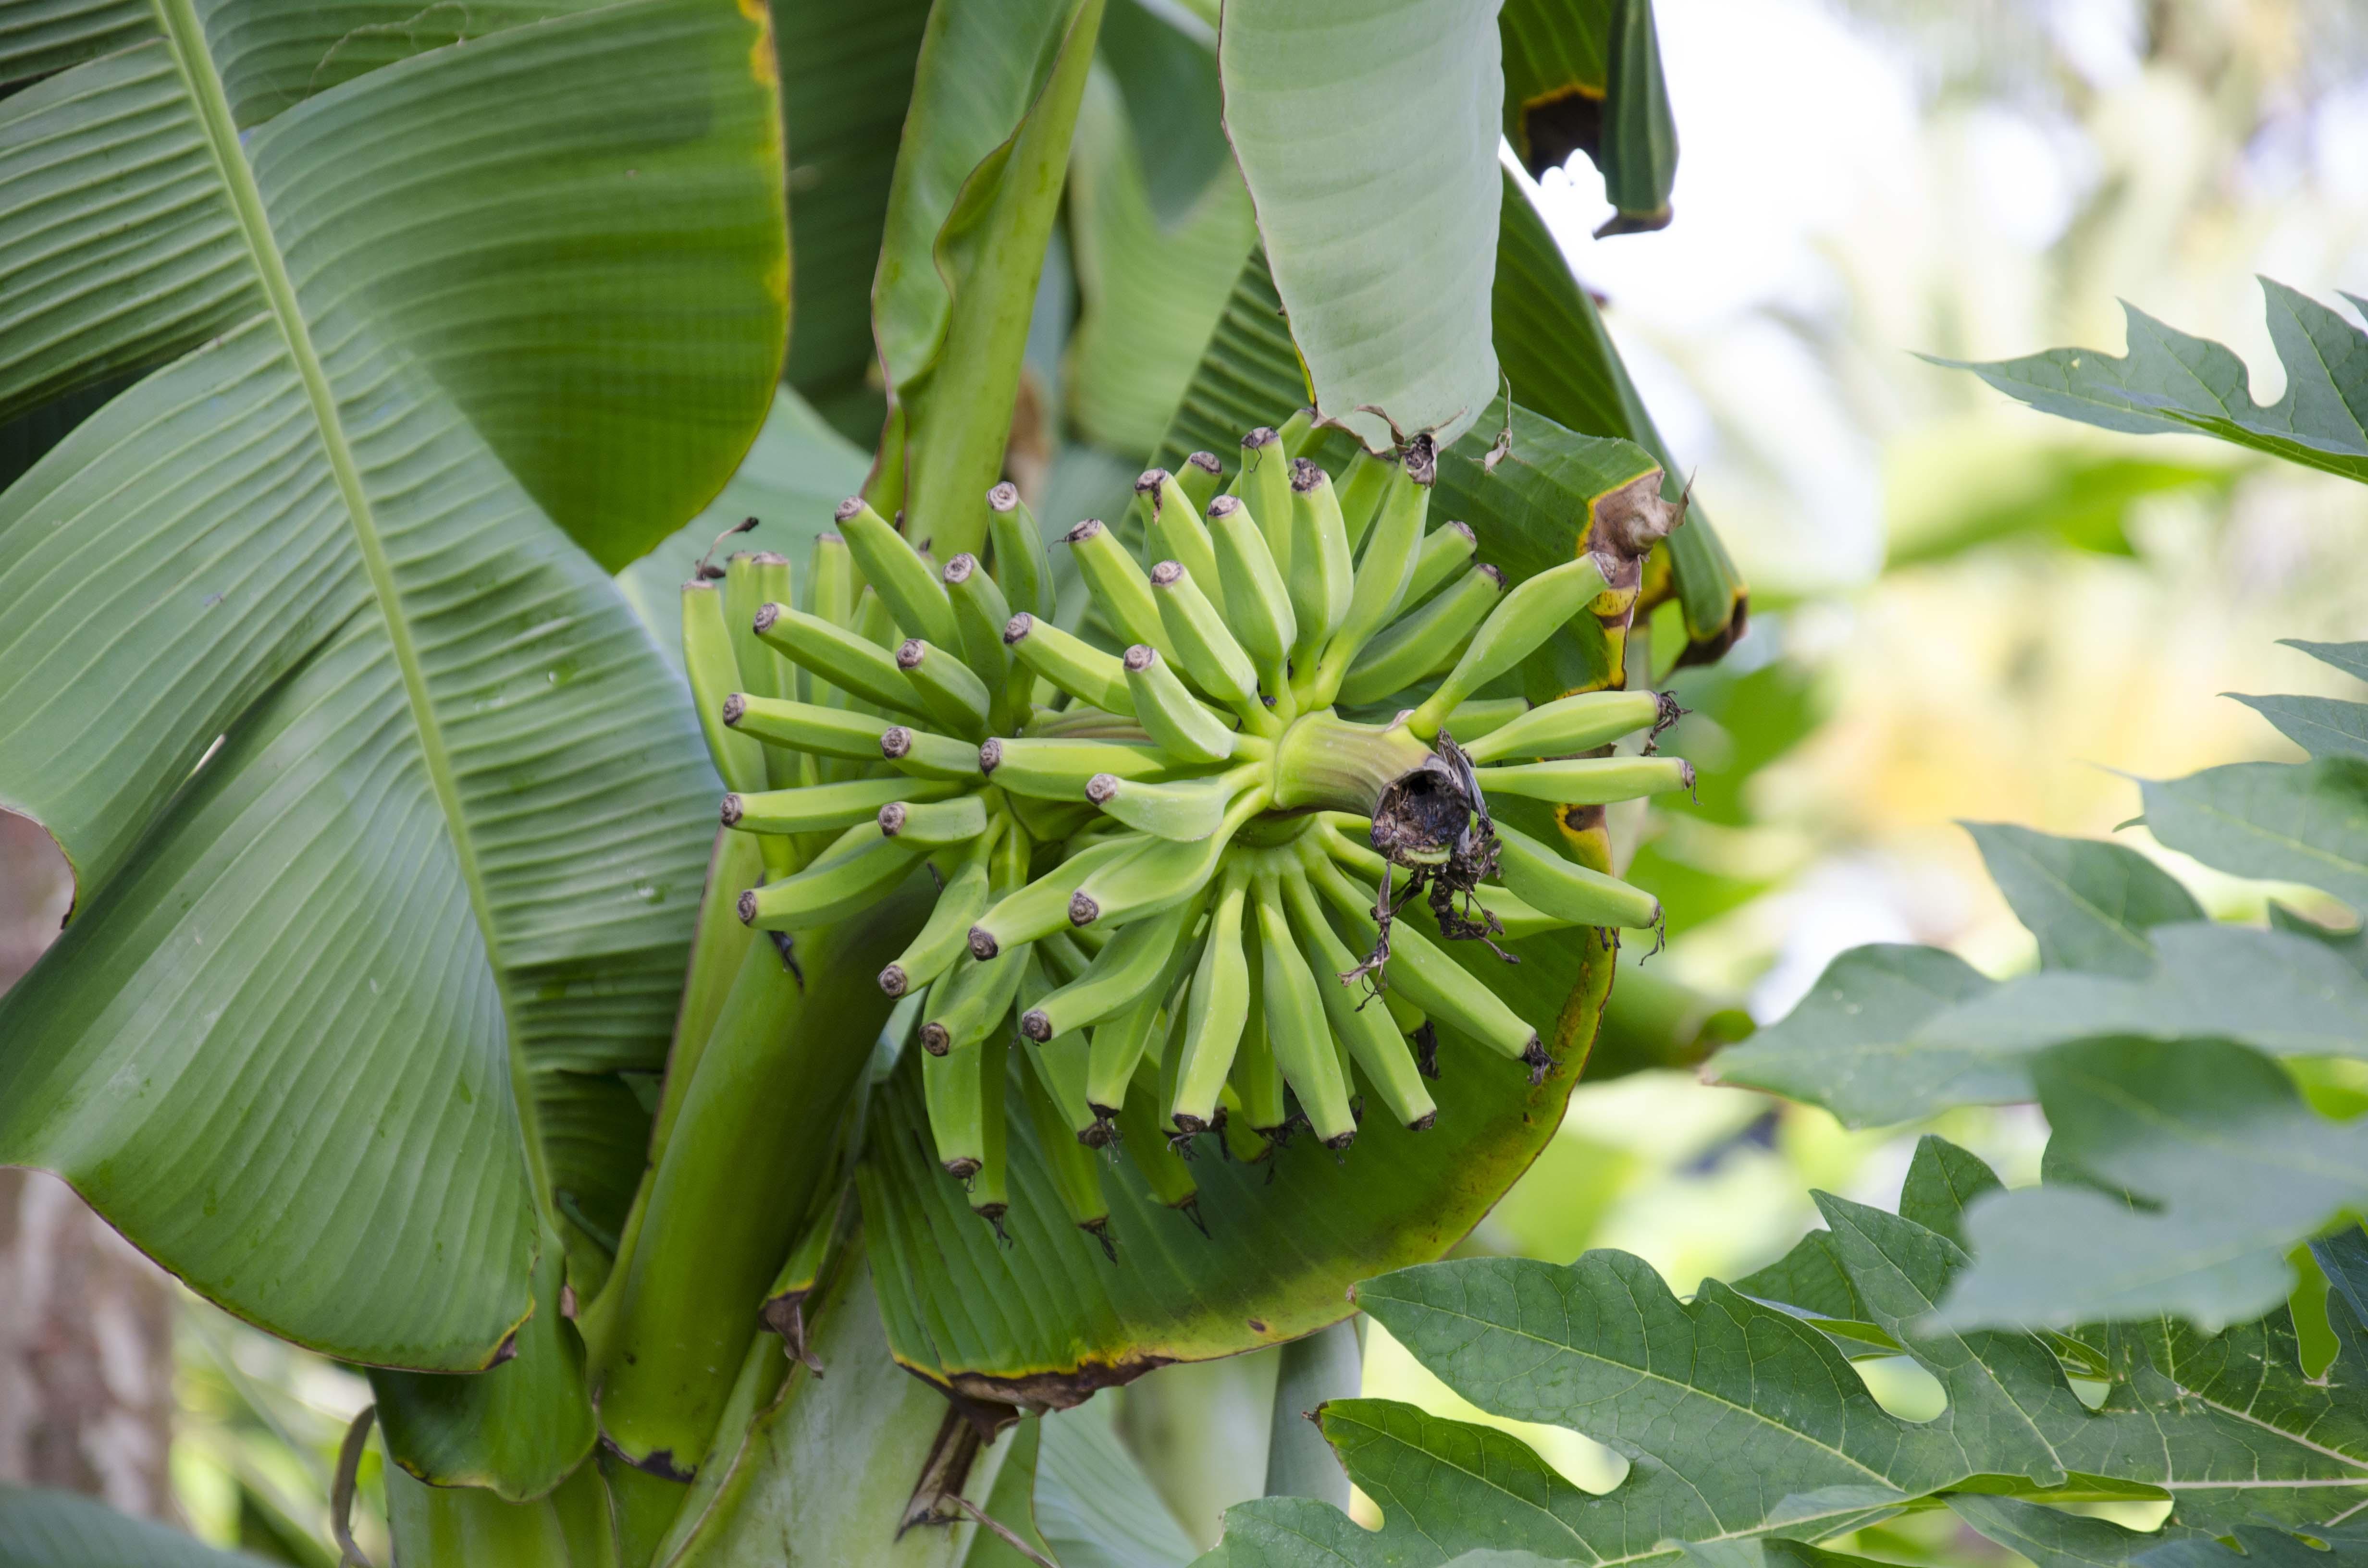 Banana stalk 2